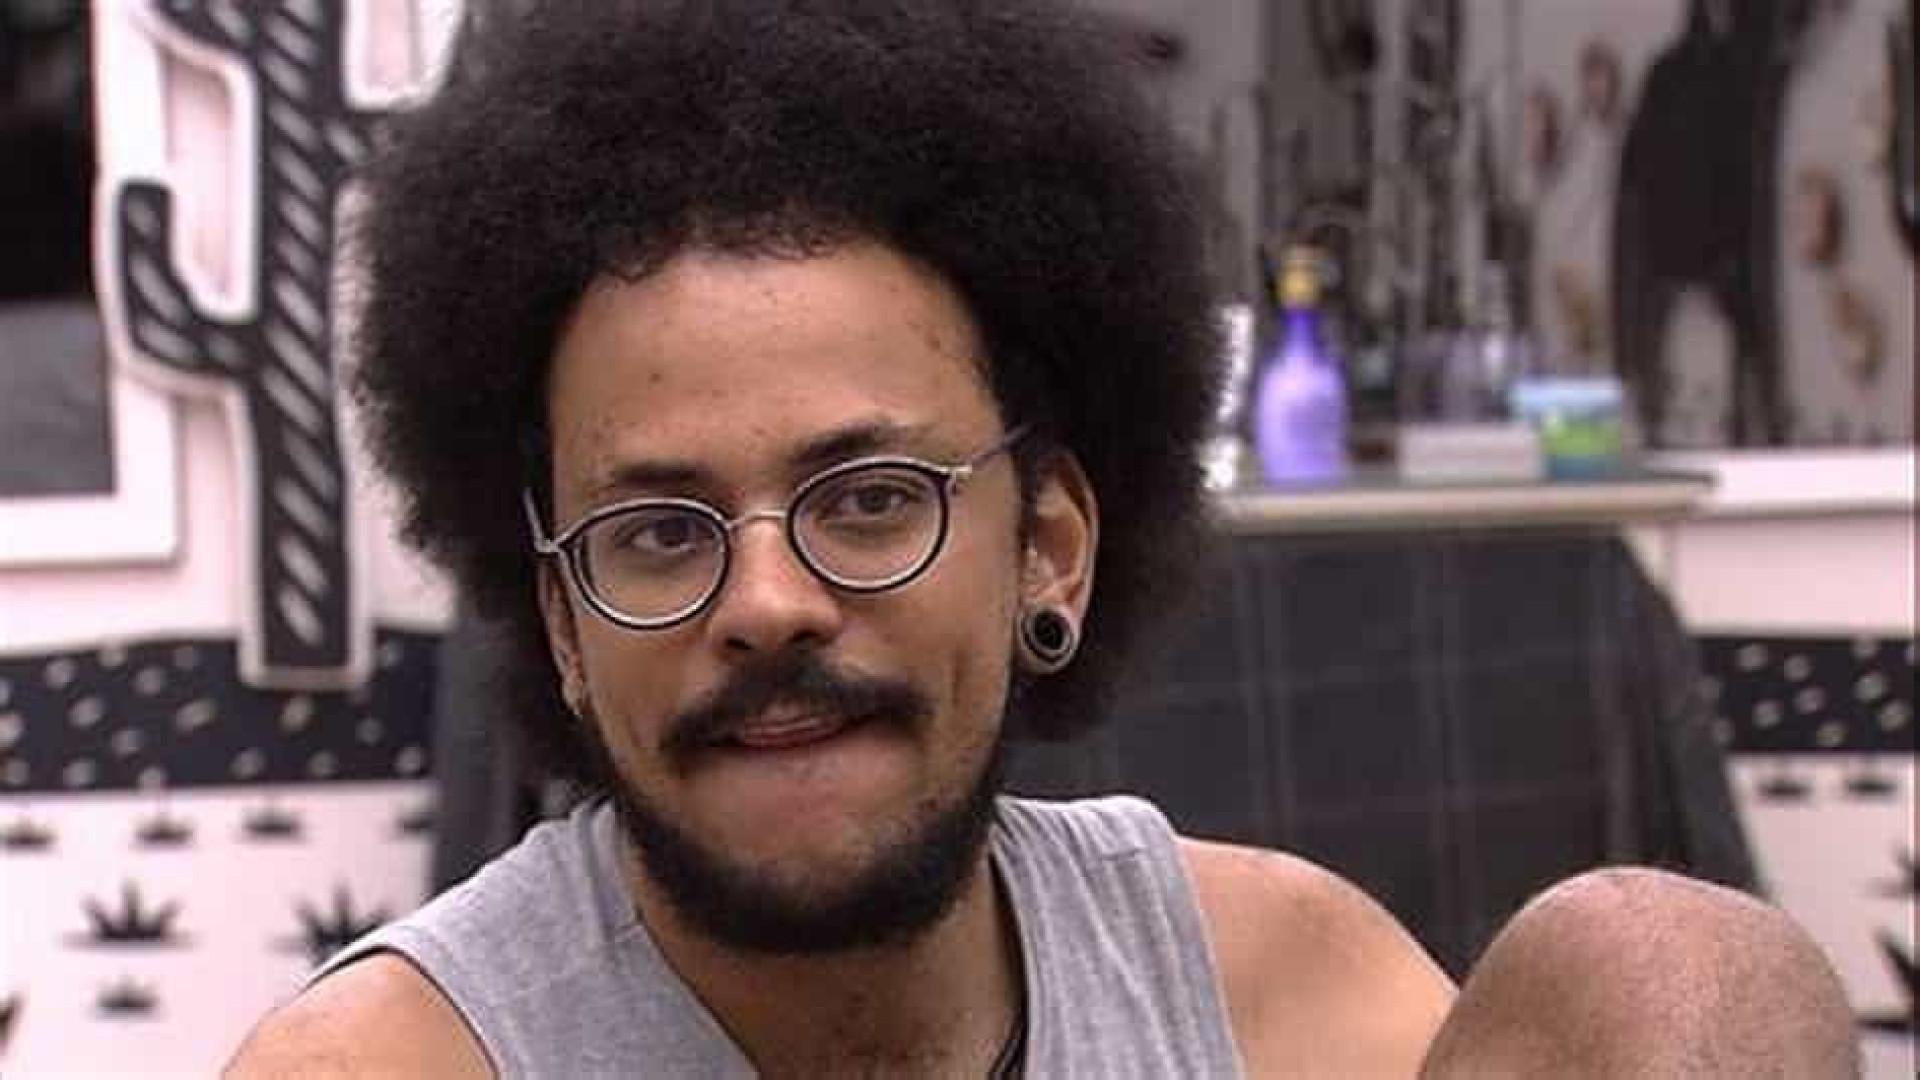 João recebe apoio de artistas após Rodolffo voltar a comparar seu cabelo com peruca